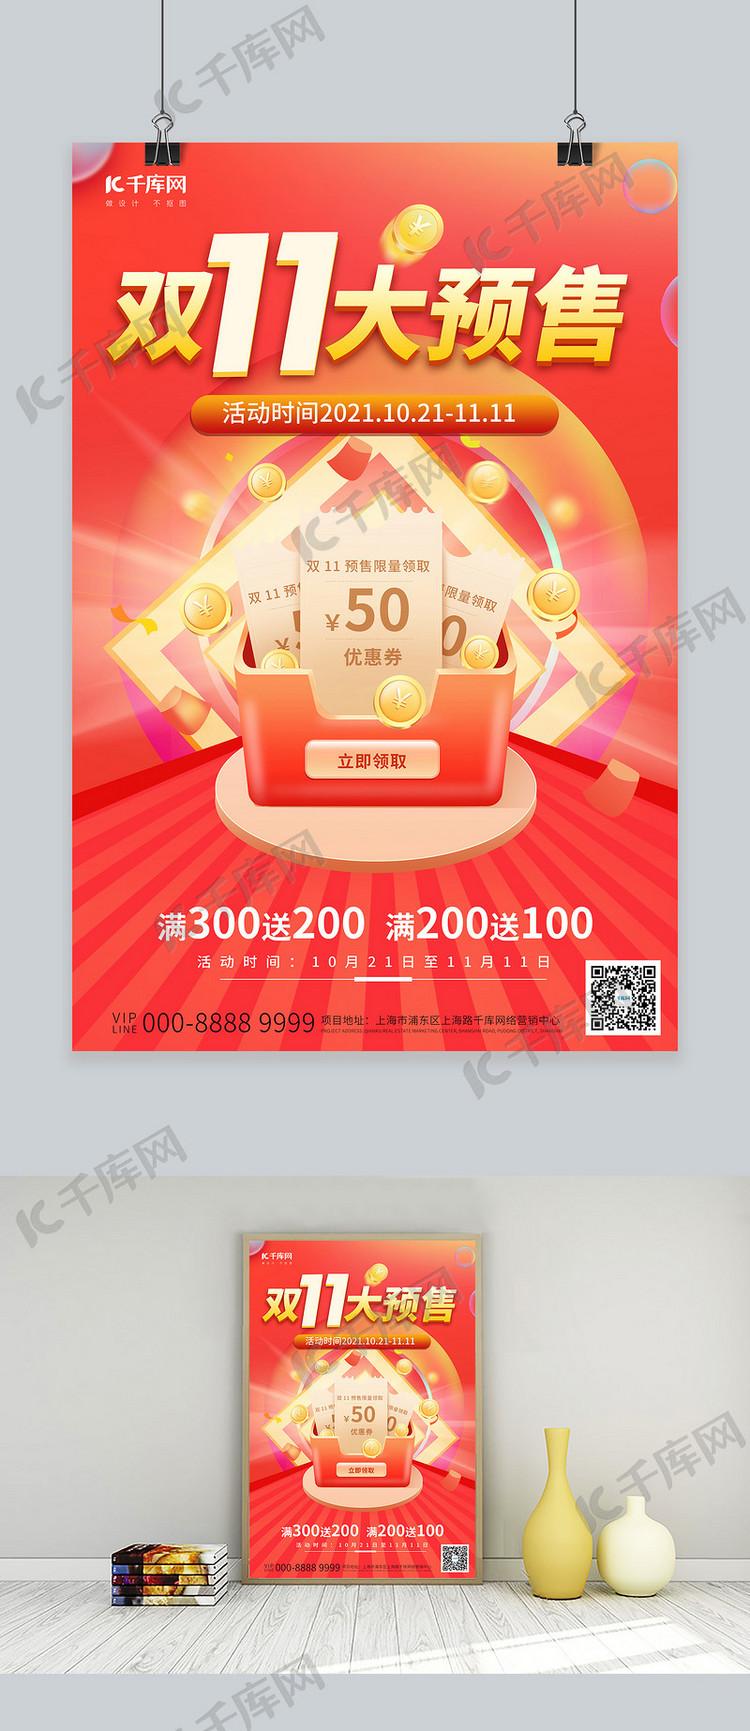 双十一预售礼包红色促销海报